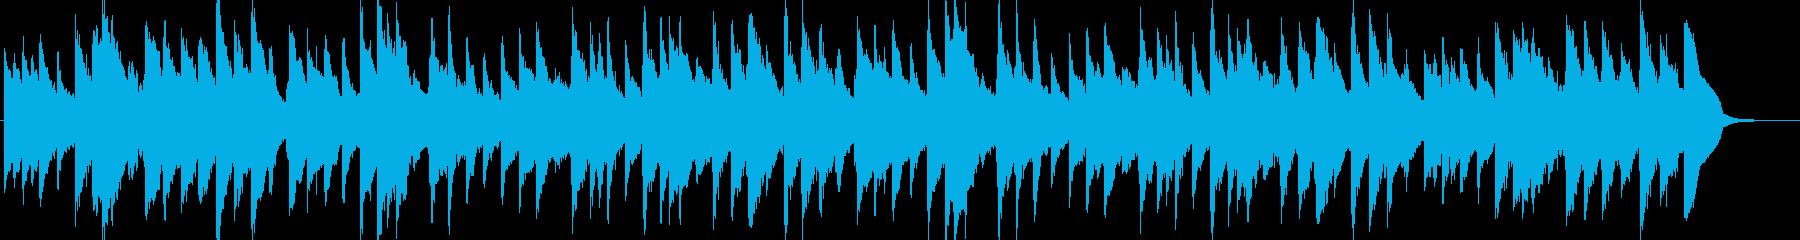 七夕さま・童謡・ピアノ・和風の再生済みの波形